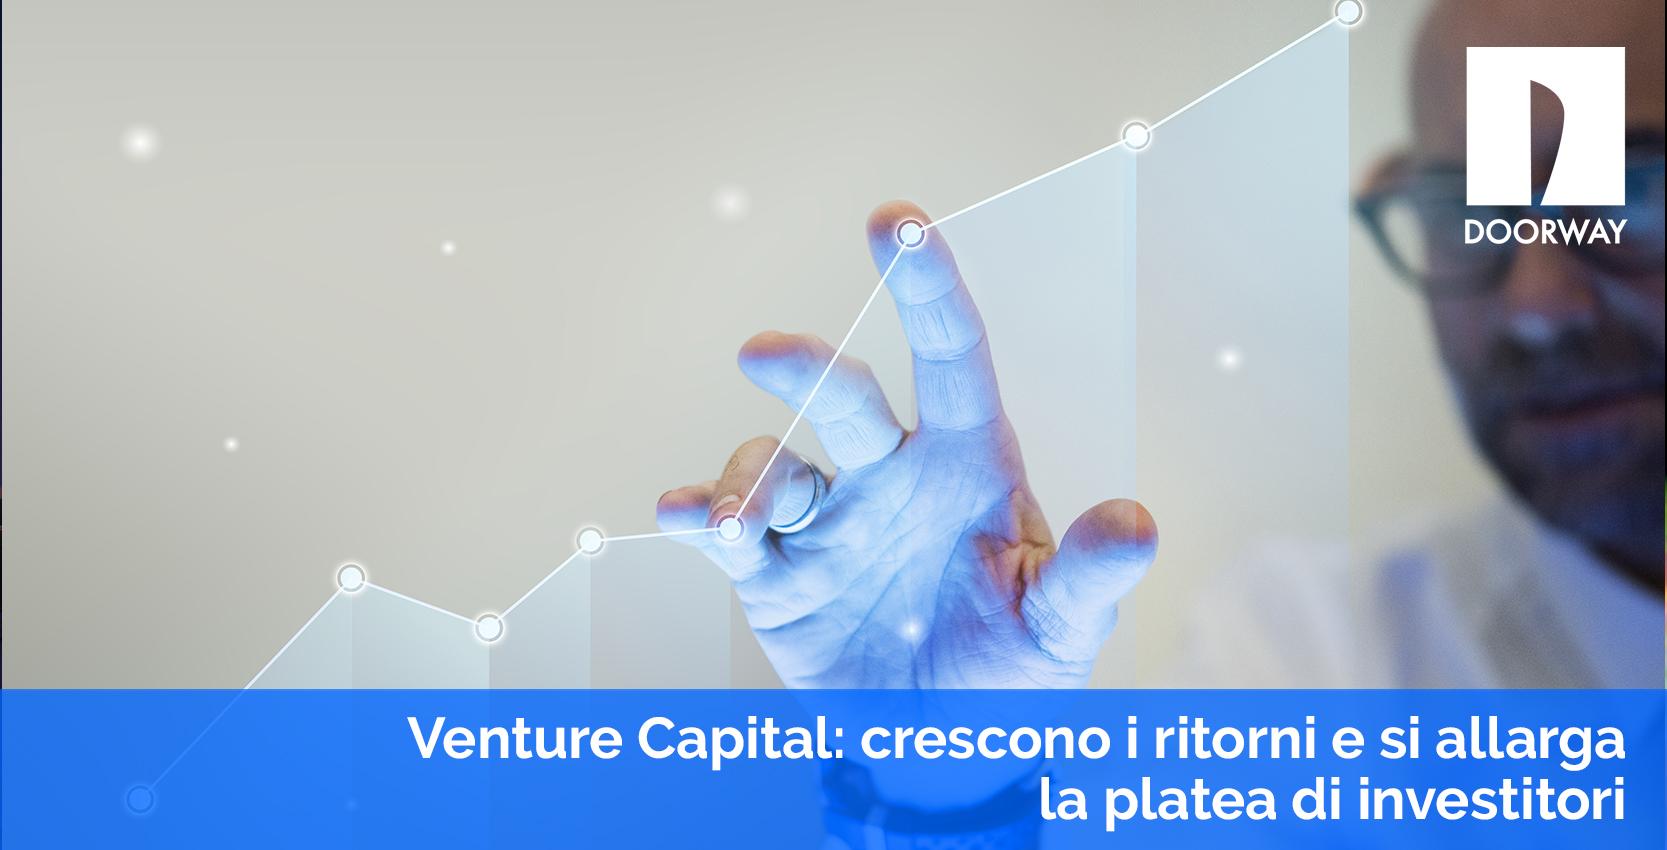 Venture capital: crescono i ritorni e si allarga la platea di investitori